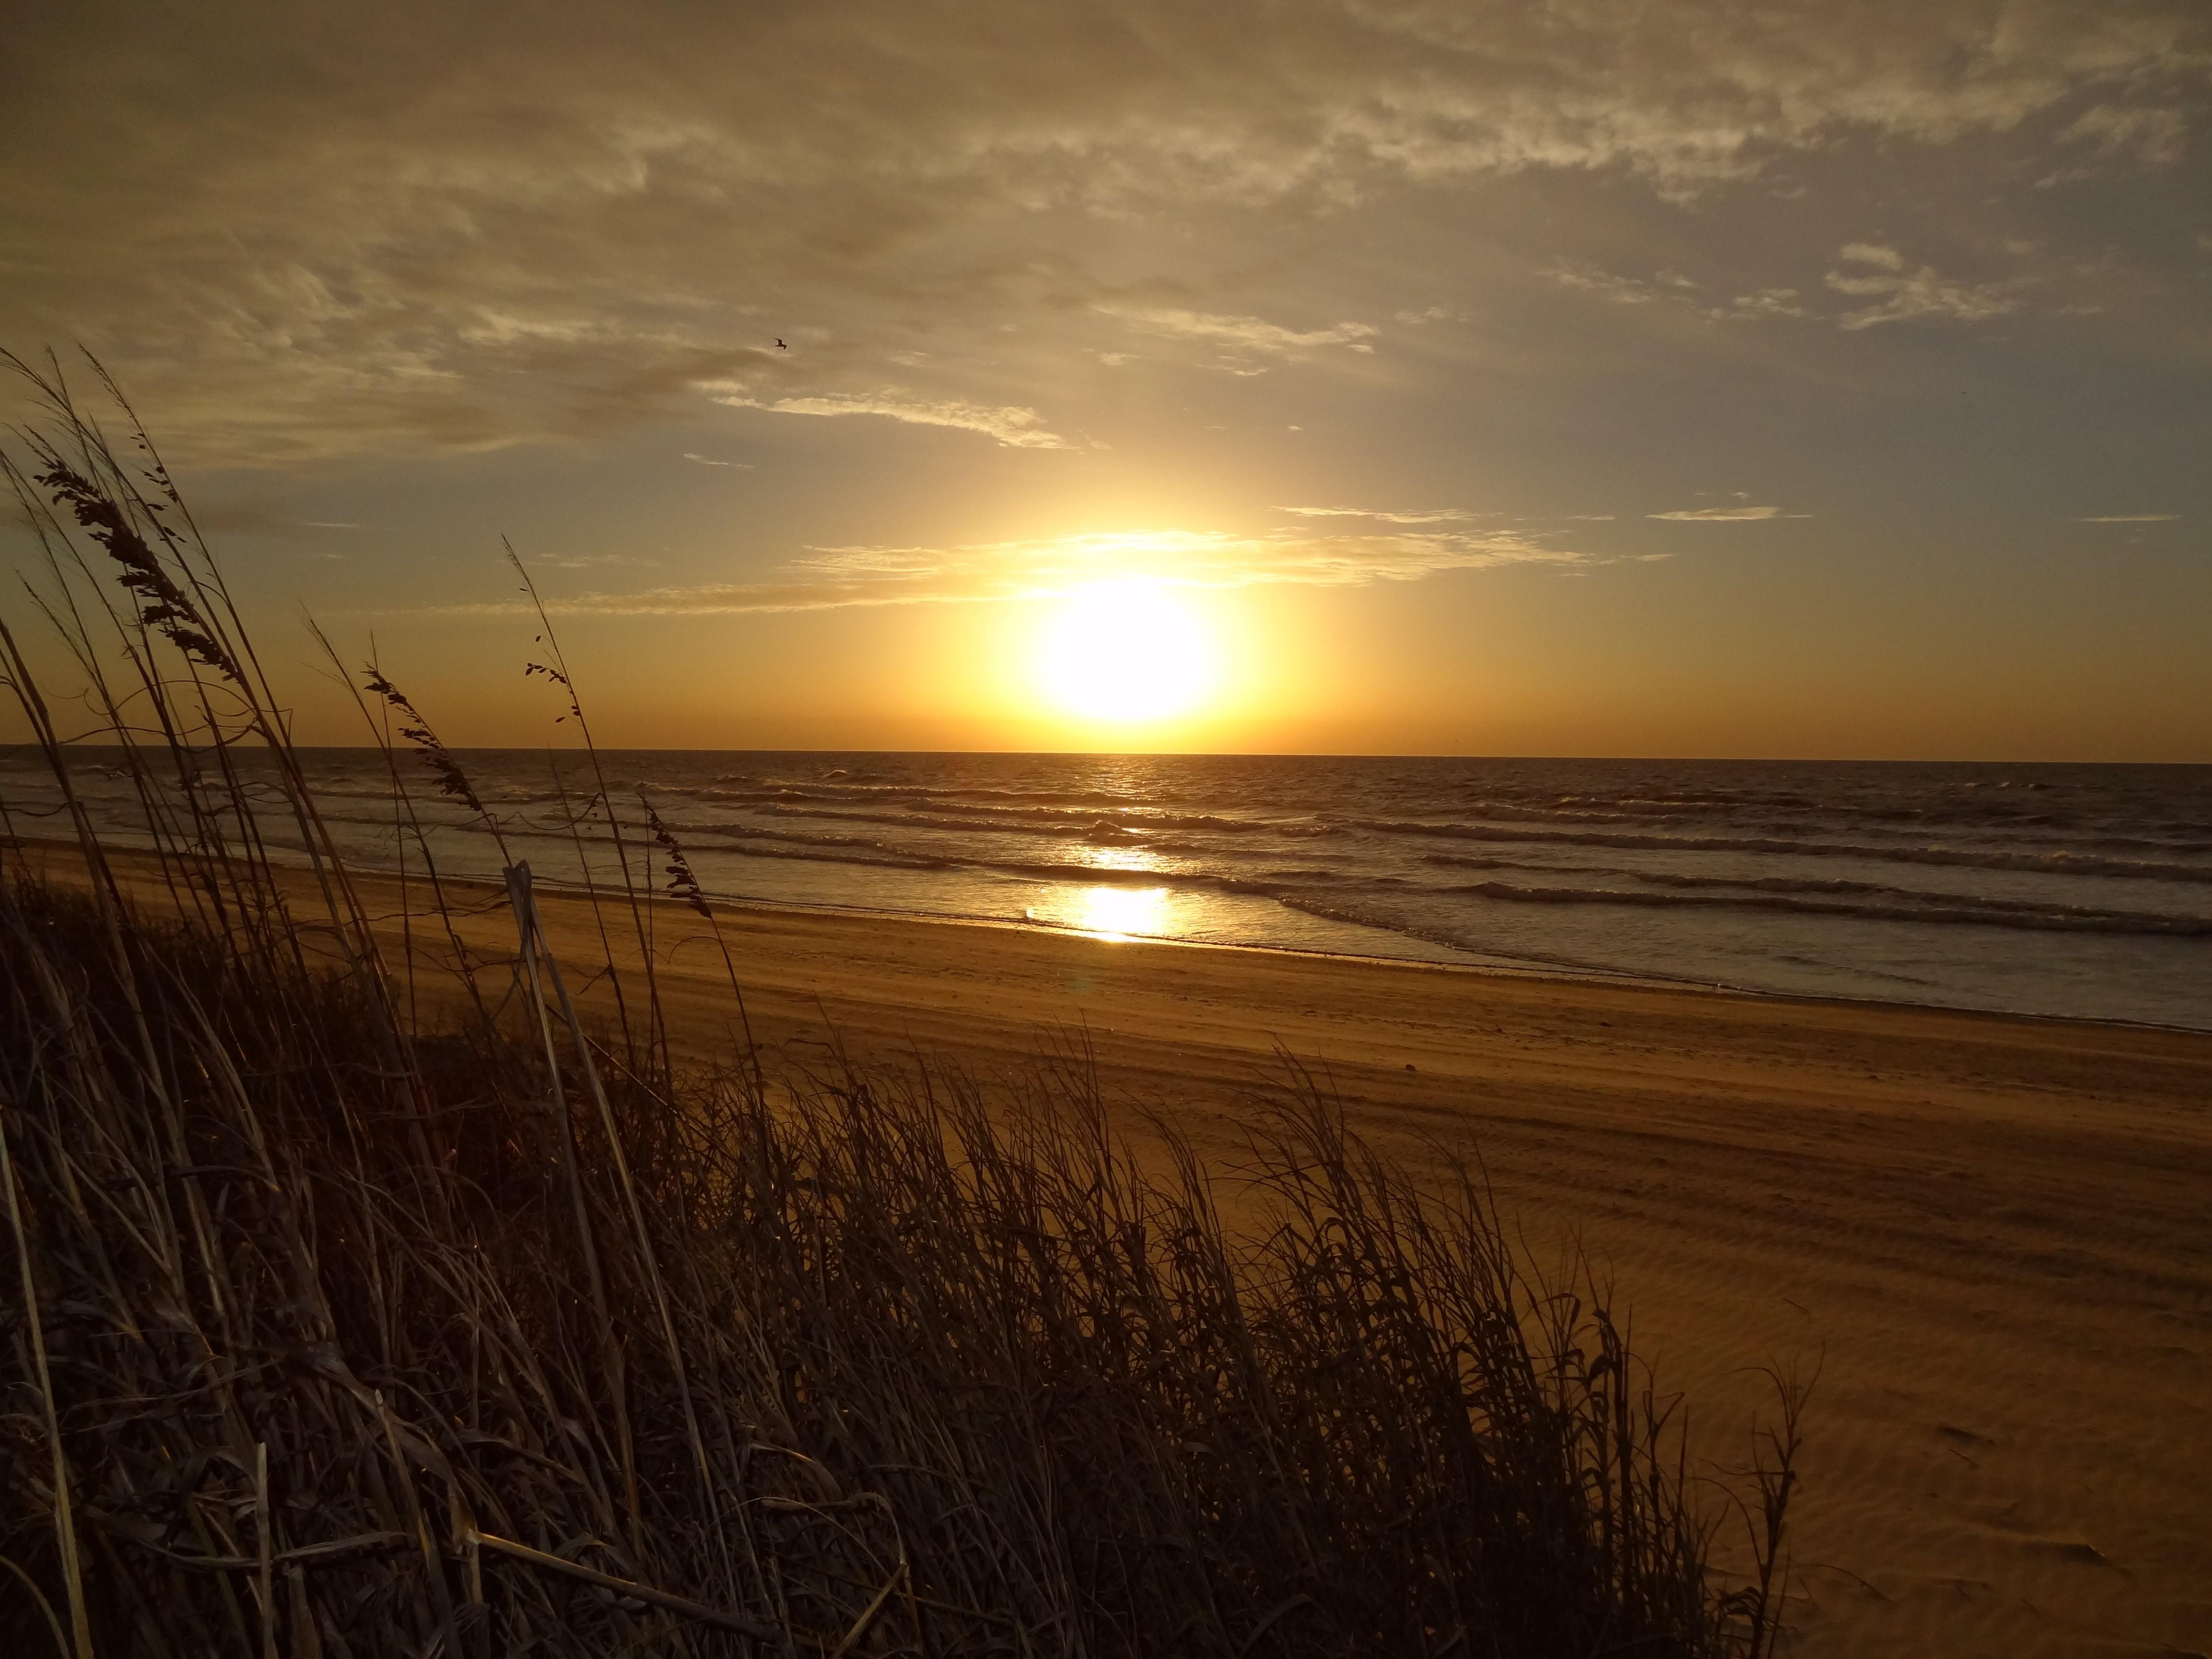 North Myrtle Beach Wallpaper - Grass On Beach Sunset - HD Wallpaper